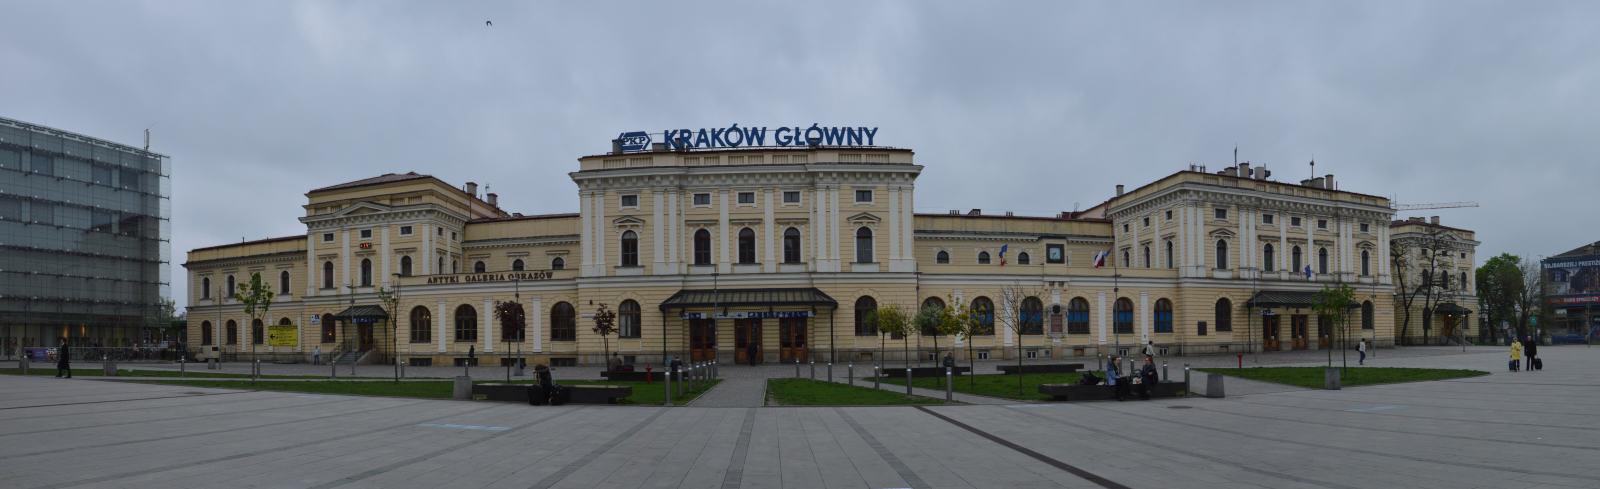 Dworzec Kraków Główny